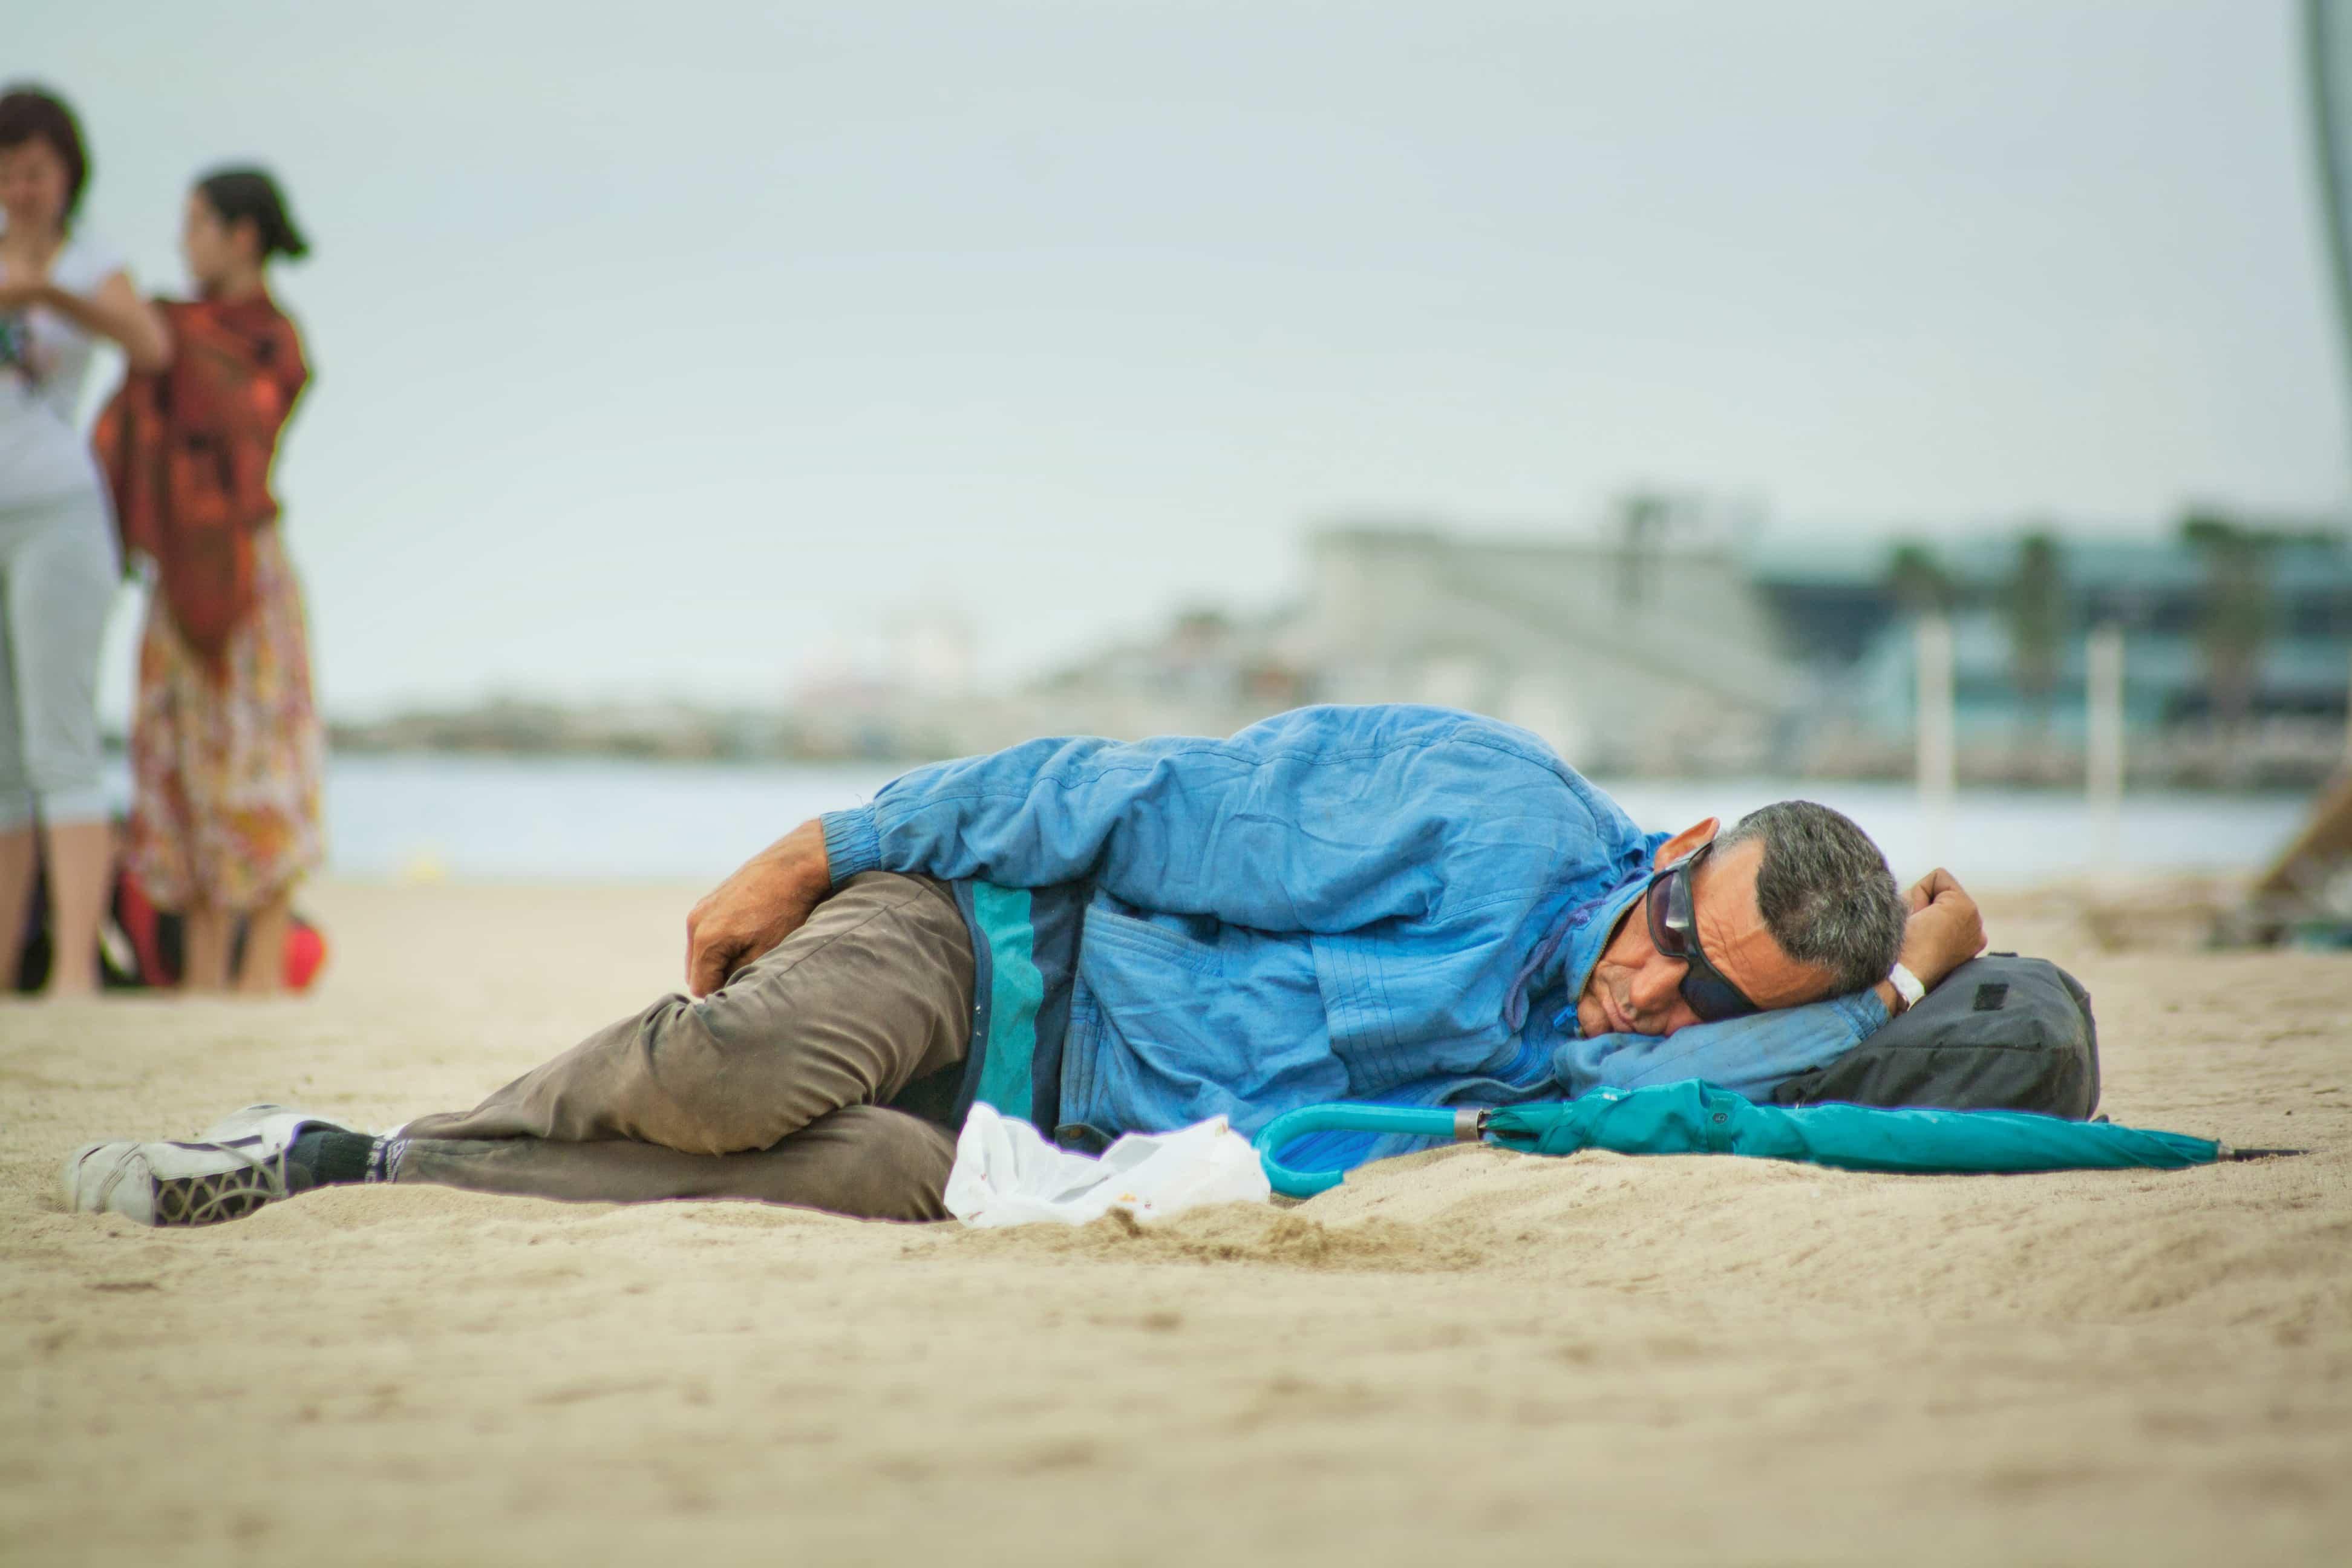 ahorrar-dinero-dormir-playa